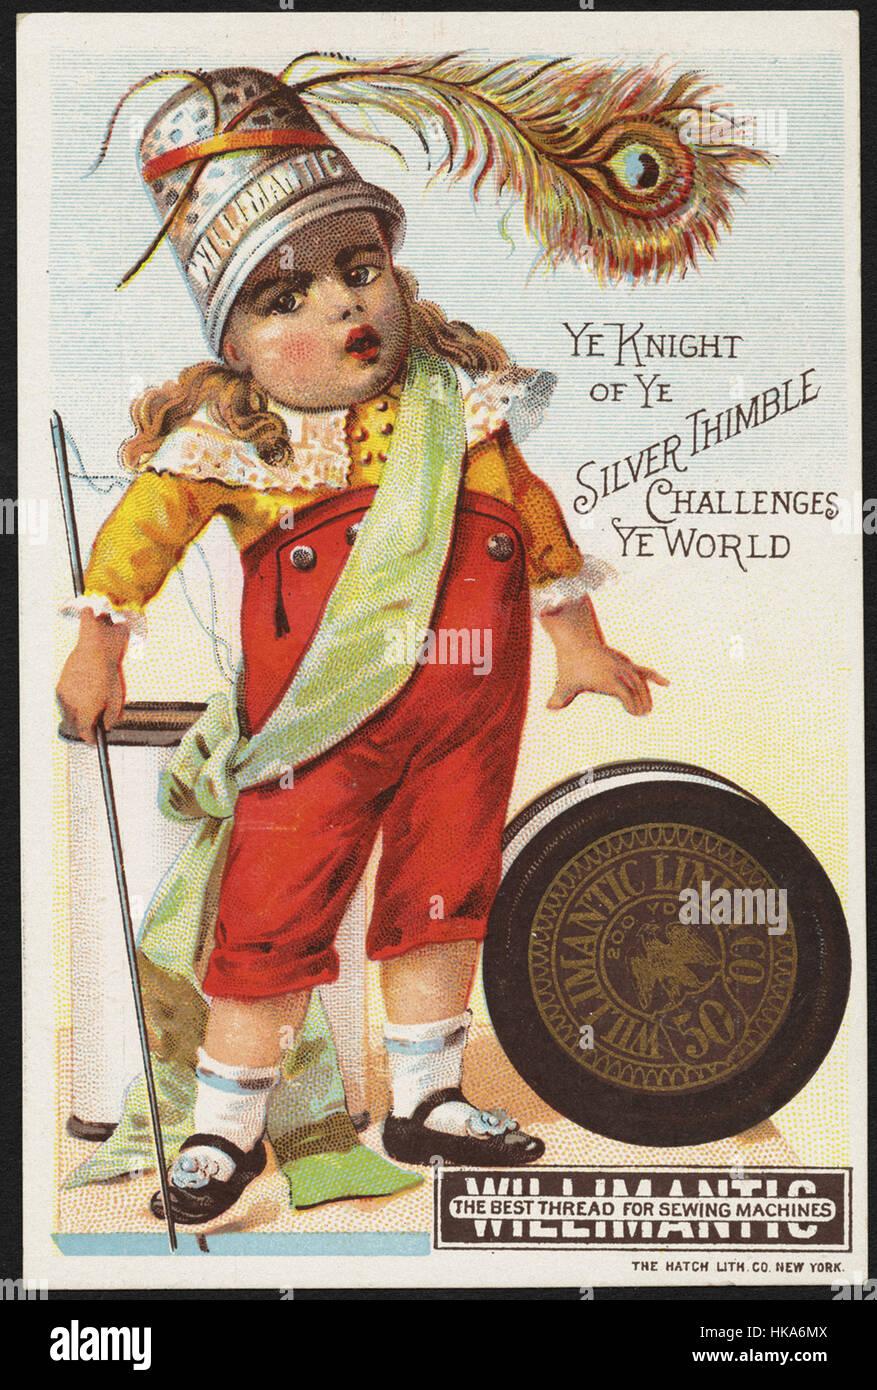 Voi Cavaliere di ye argento ditale sfide voi mondo, il miglior thread per macchine da cucire Immagini Stock